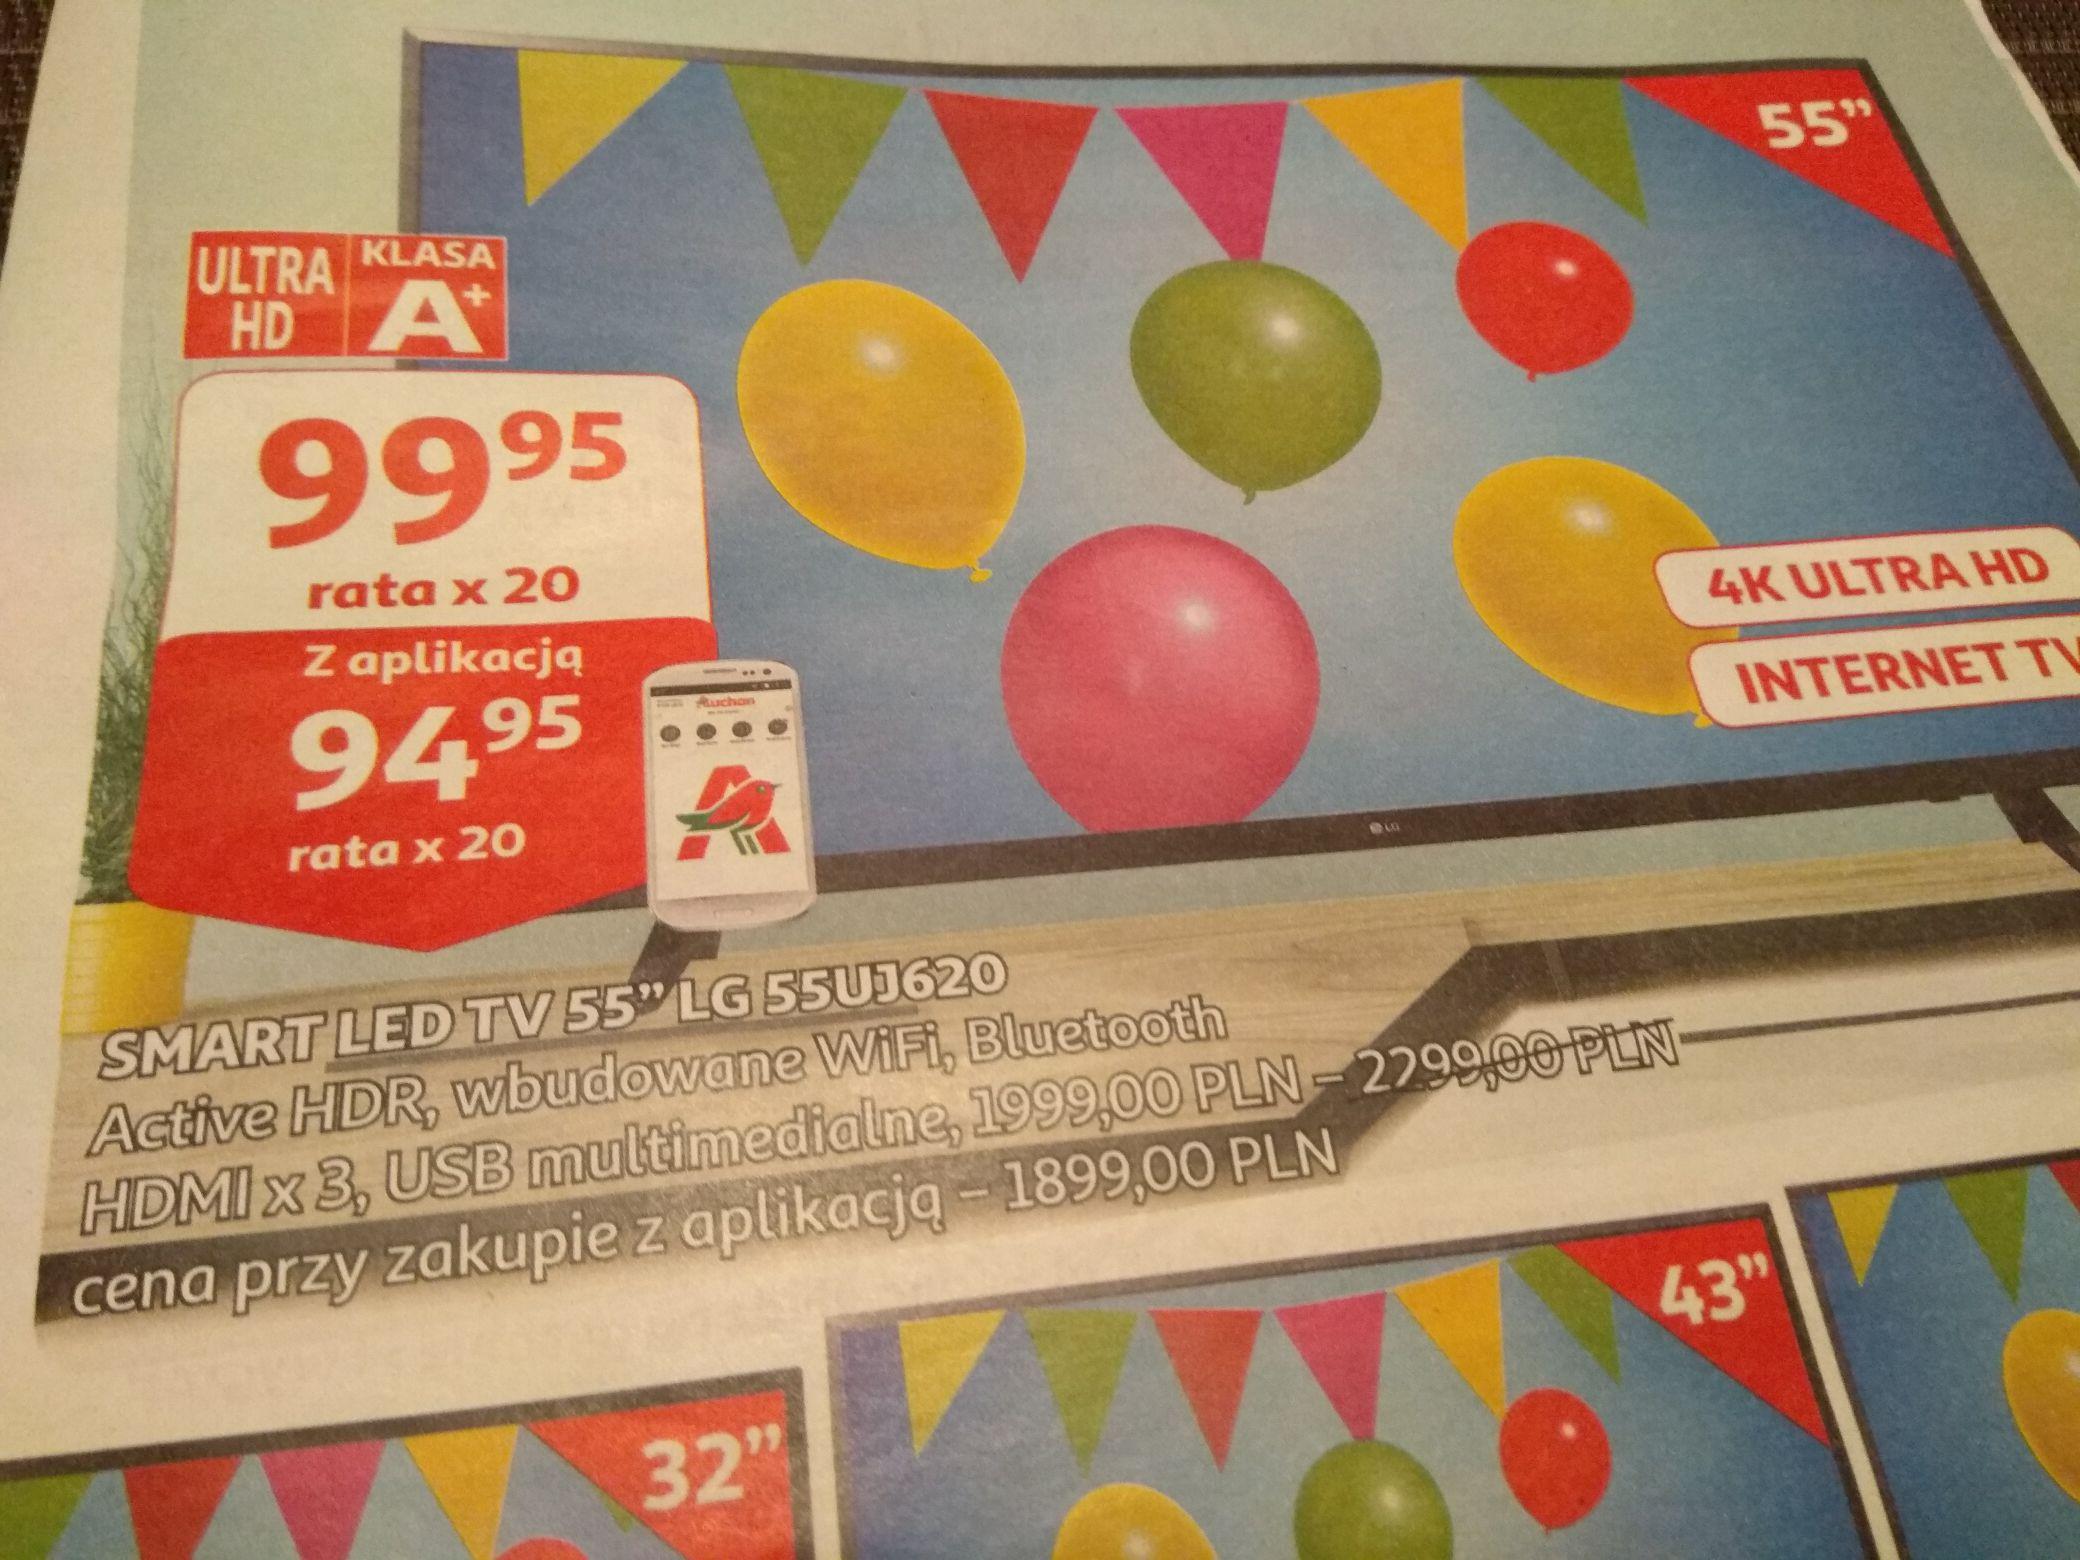 Smart TV 55' LG 4K UHD od 15.05 w Auchan